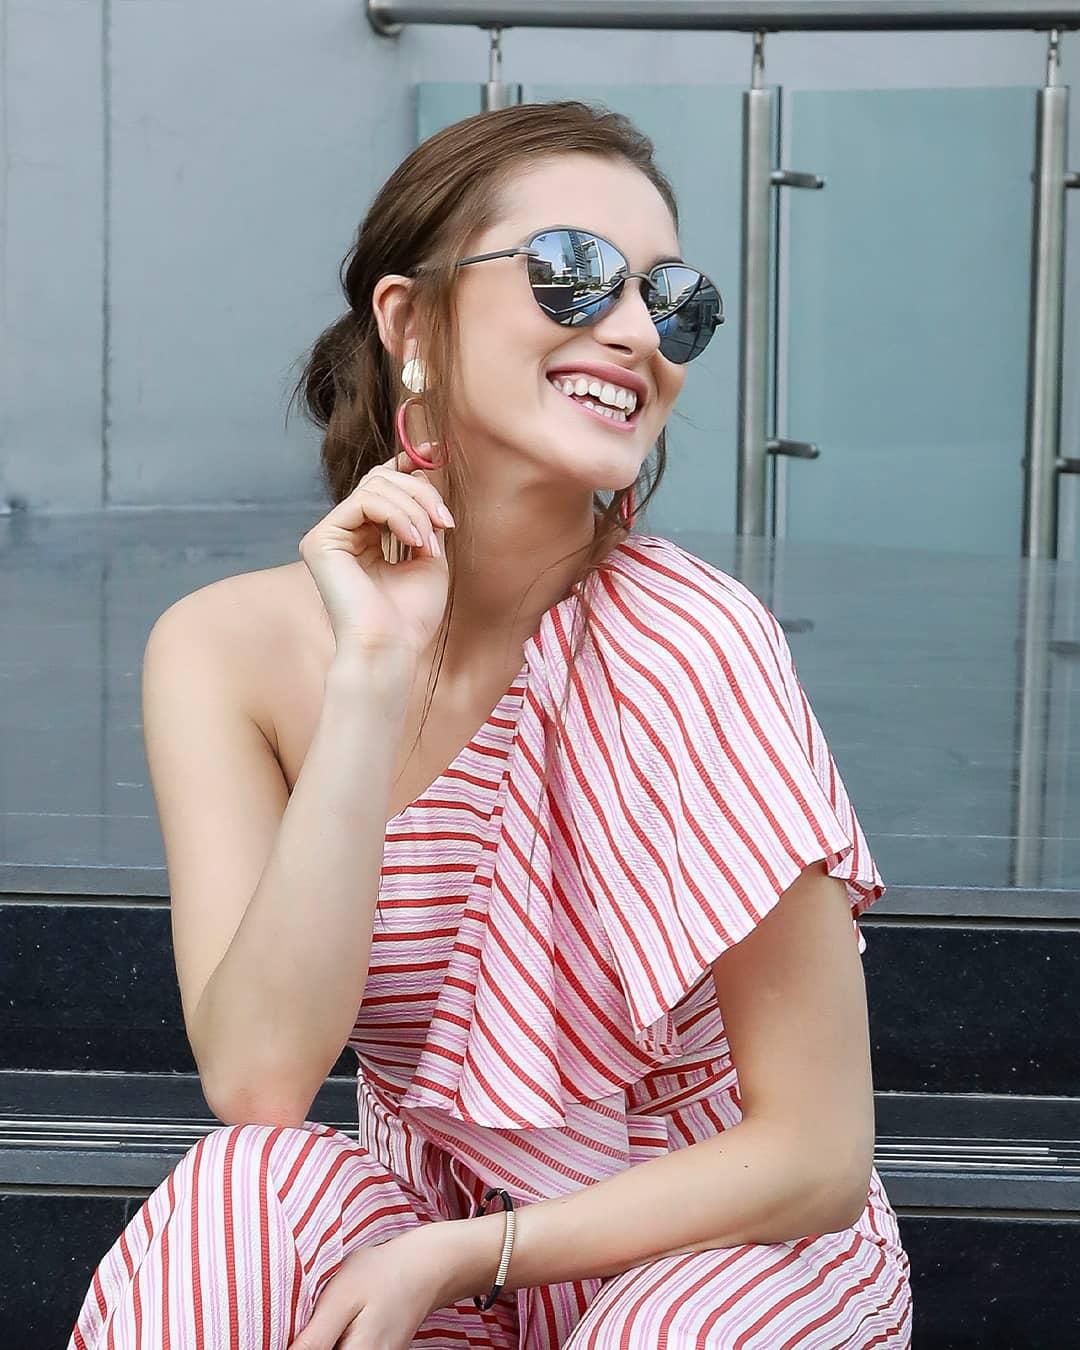 b3417521925a Lenskart.com® - Sunglasses, Contact Lens, Eyeglasses, Frames, Buy 1 ...